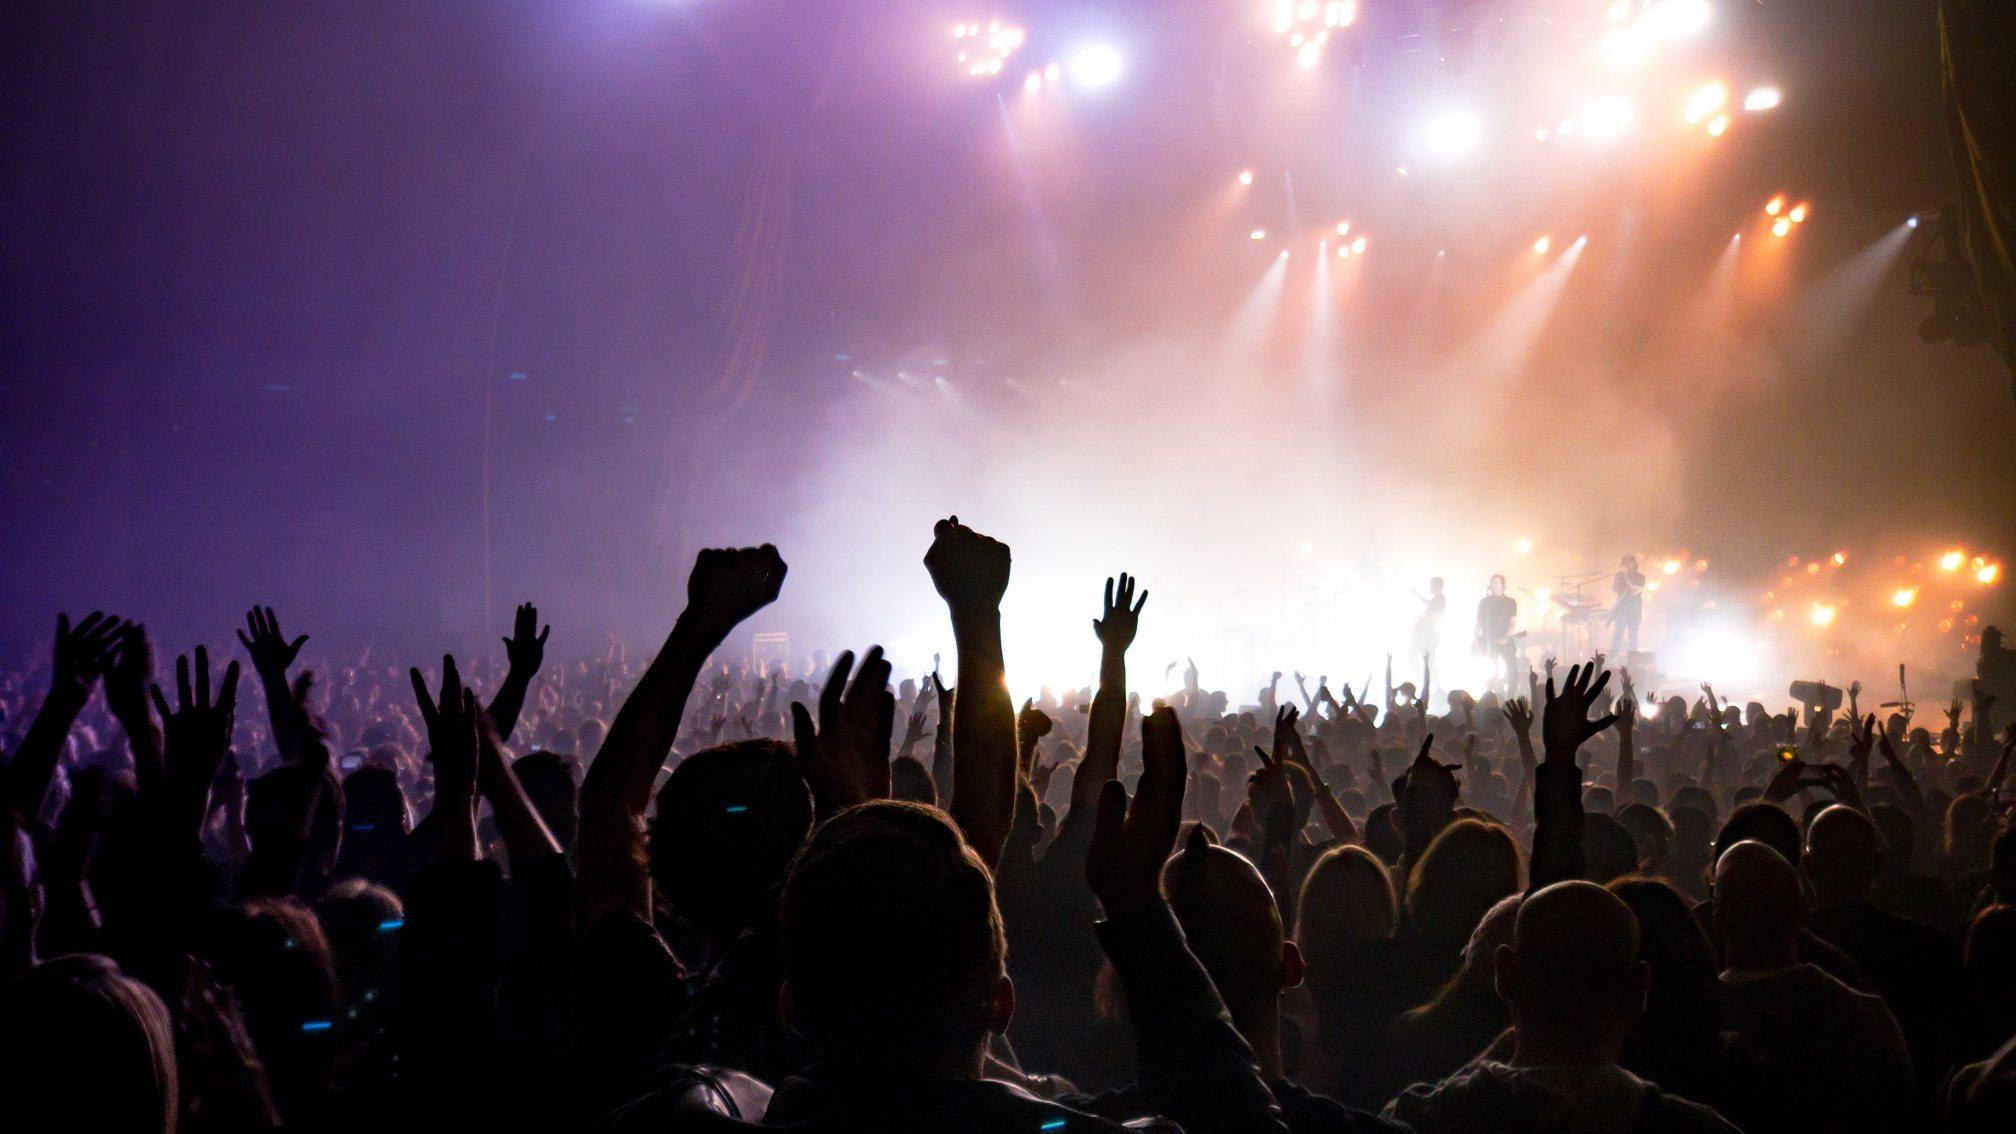 Организаторы рок-концерта во Флориде продают билеты за 999 долларов. А привитым от коронавируса всего за 18